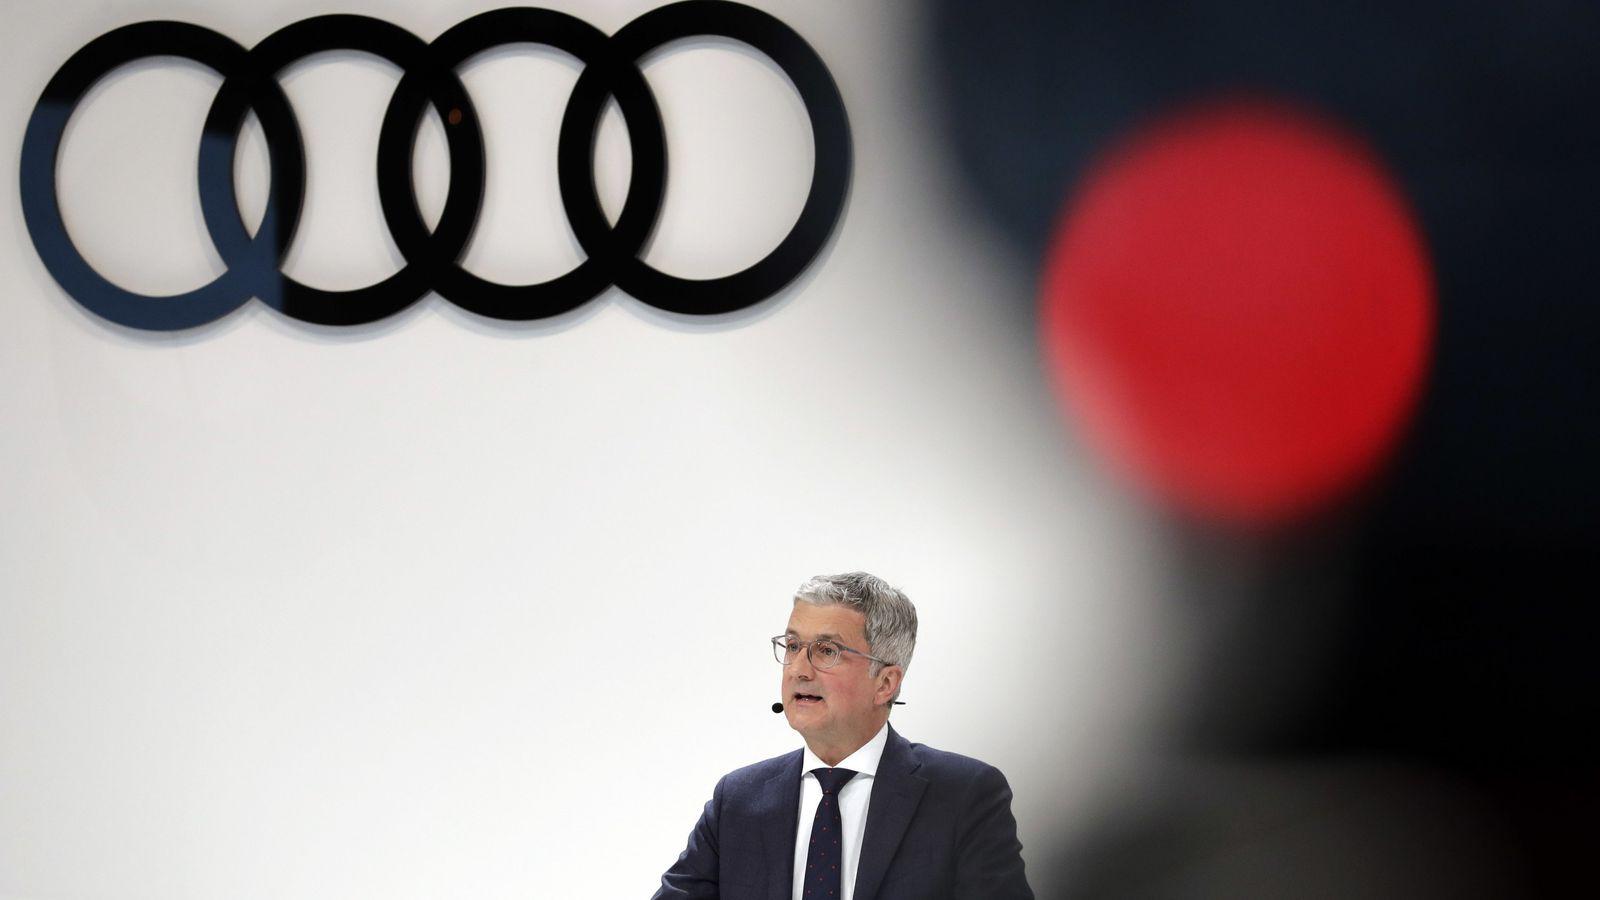 Audi / Rupert Stadler